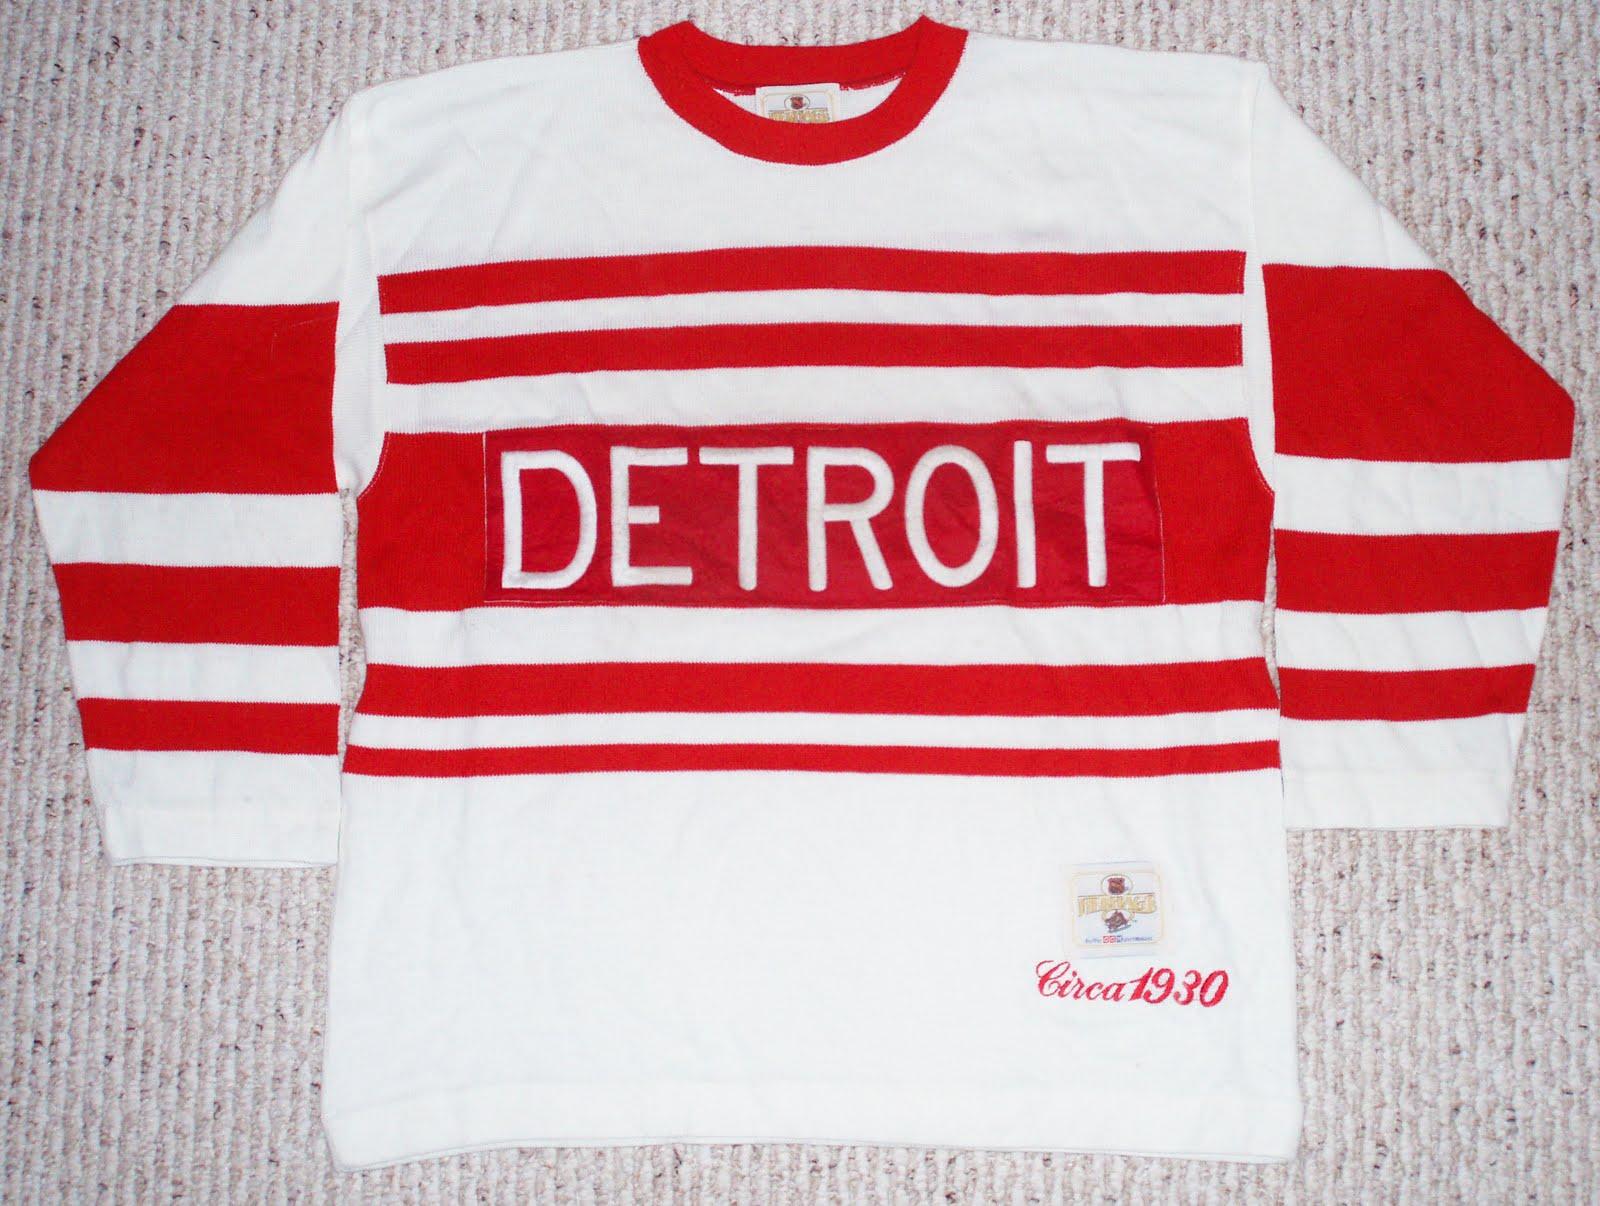 DetroitFalcons-Circa1930.jpg